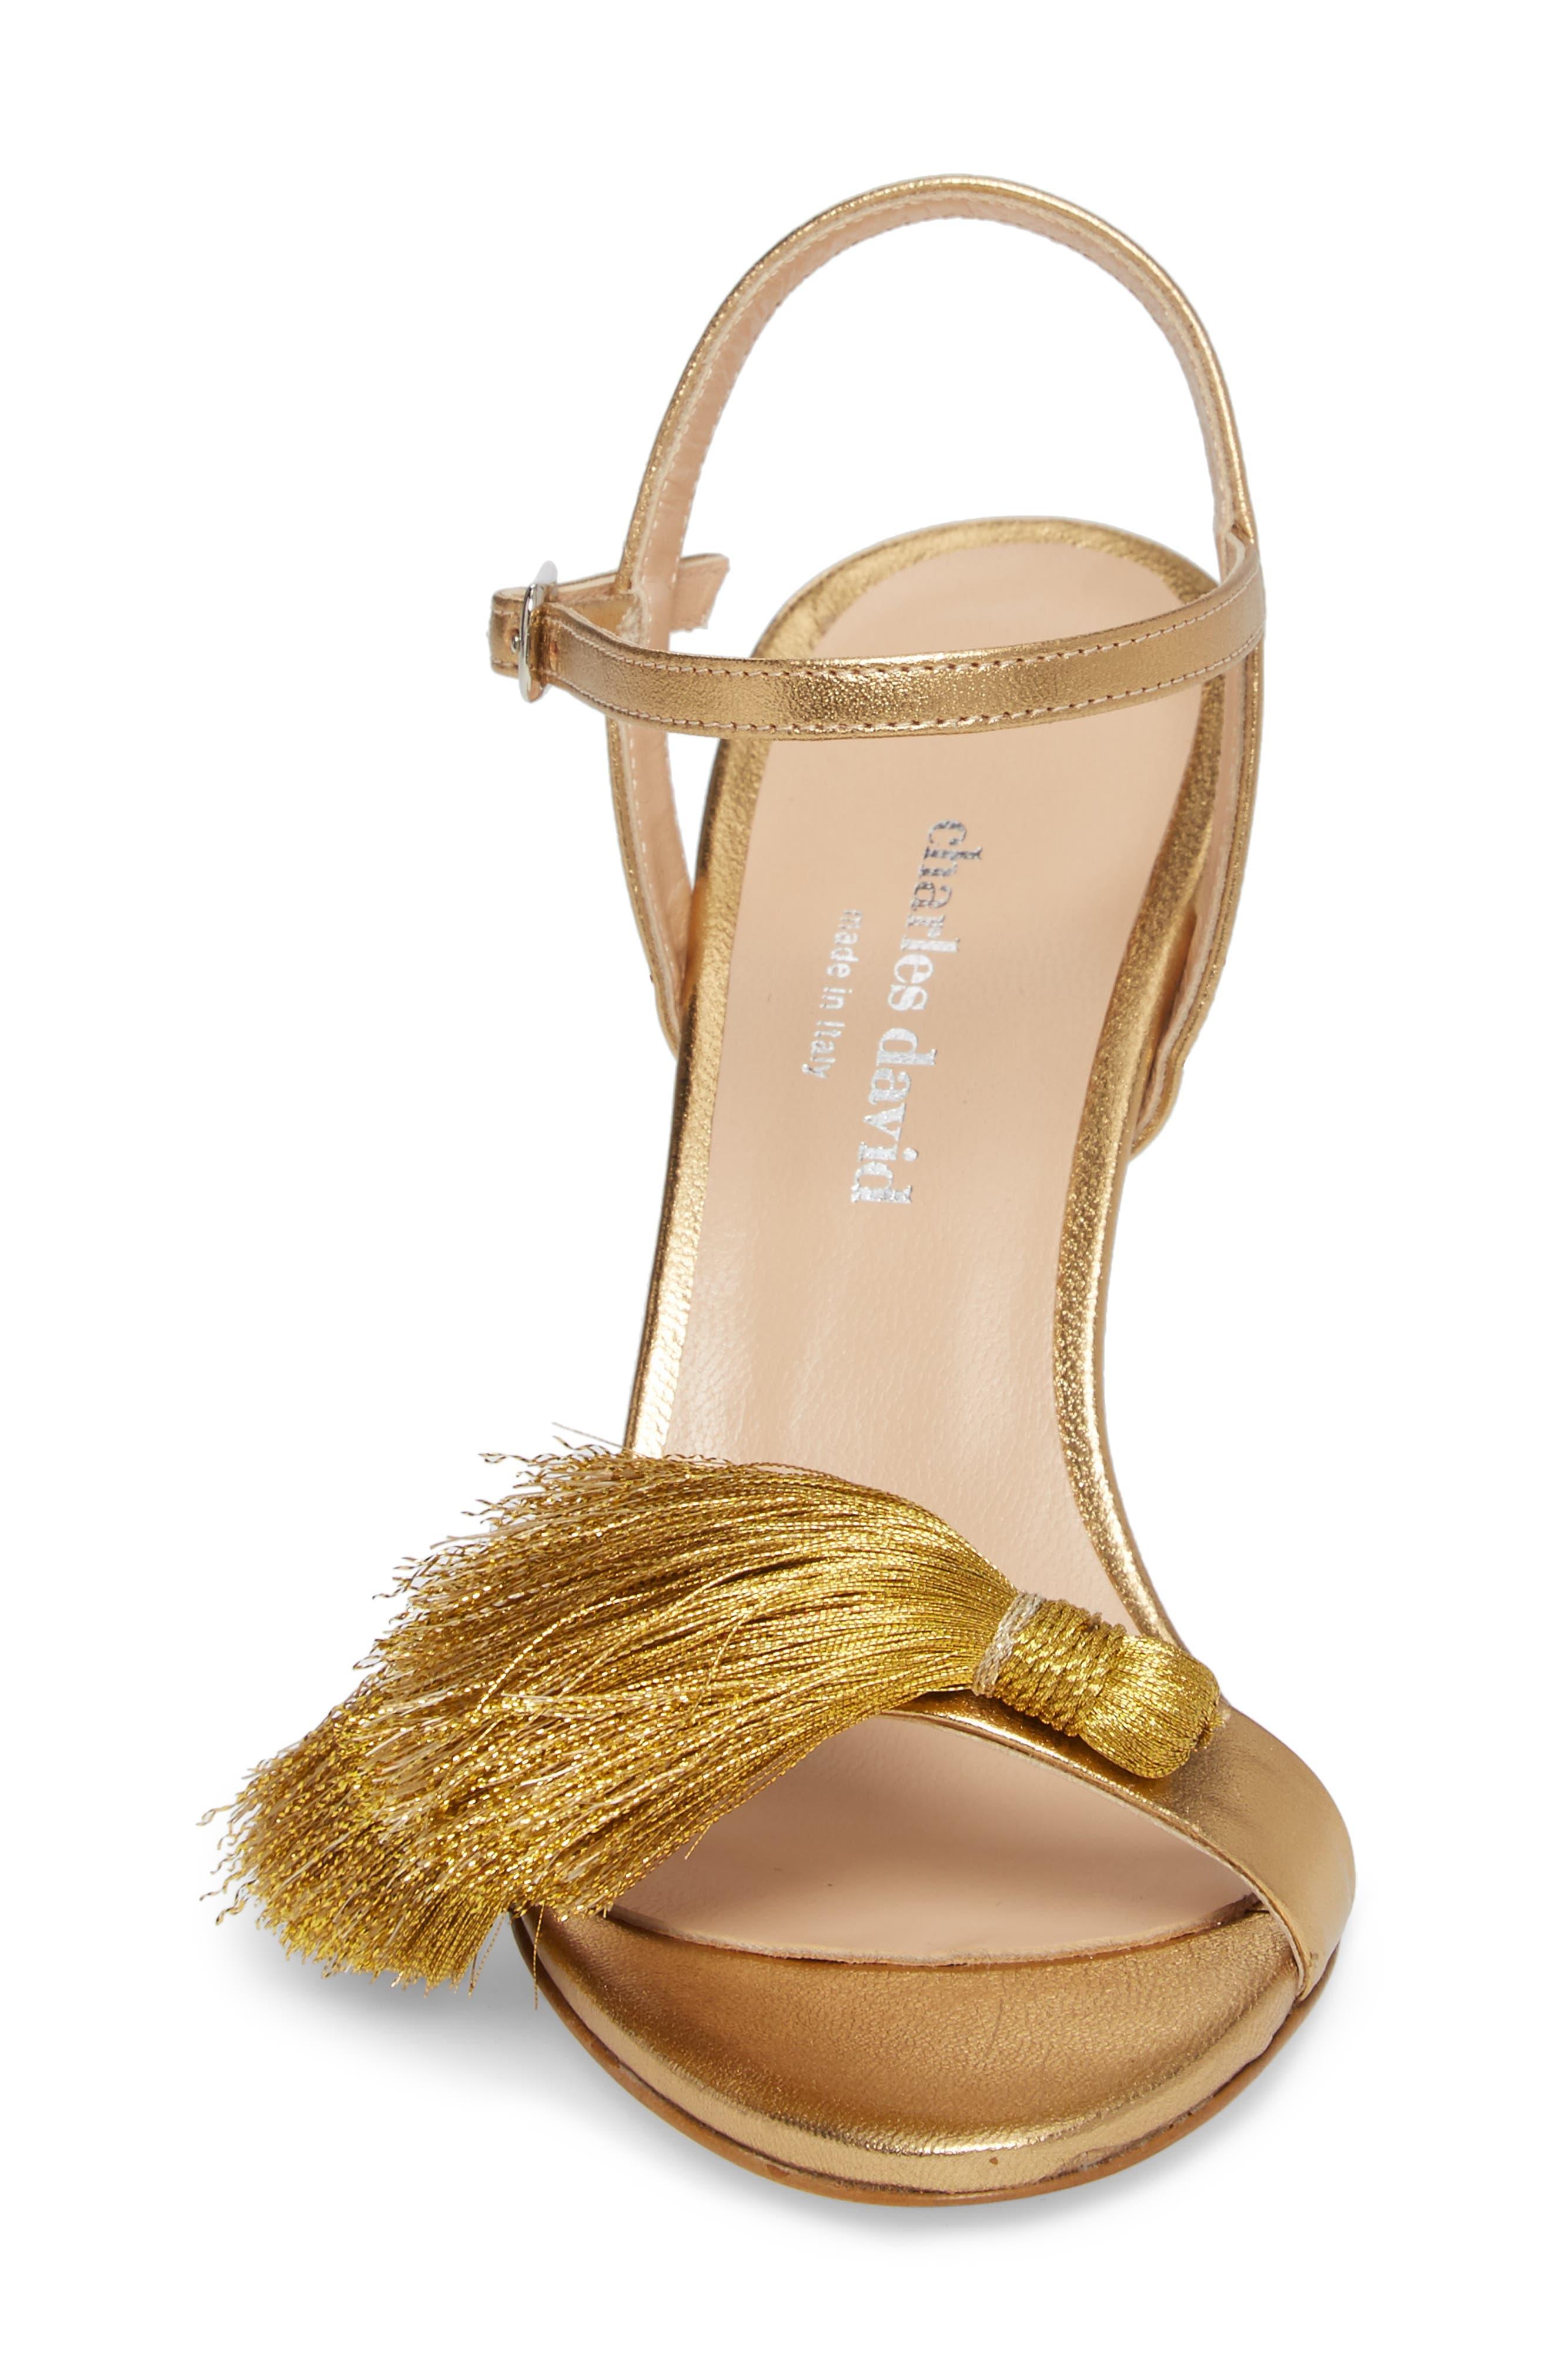 Sassy Tassel Sandal,                             Alternate thumbnail 4, color,                             Gold Leather